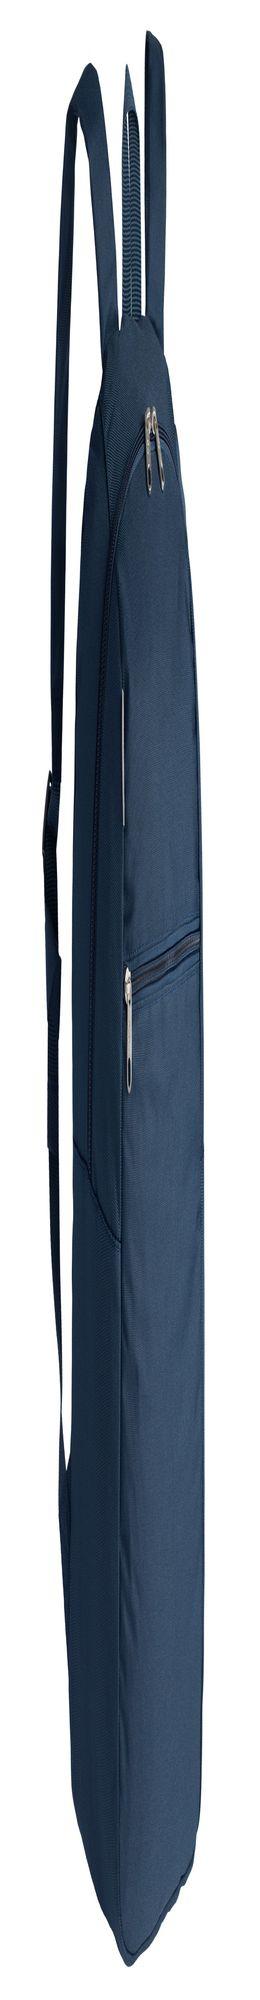 Складной рюкзак Travel Accessor V, синий фото